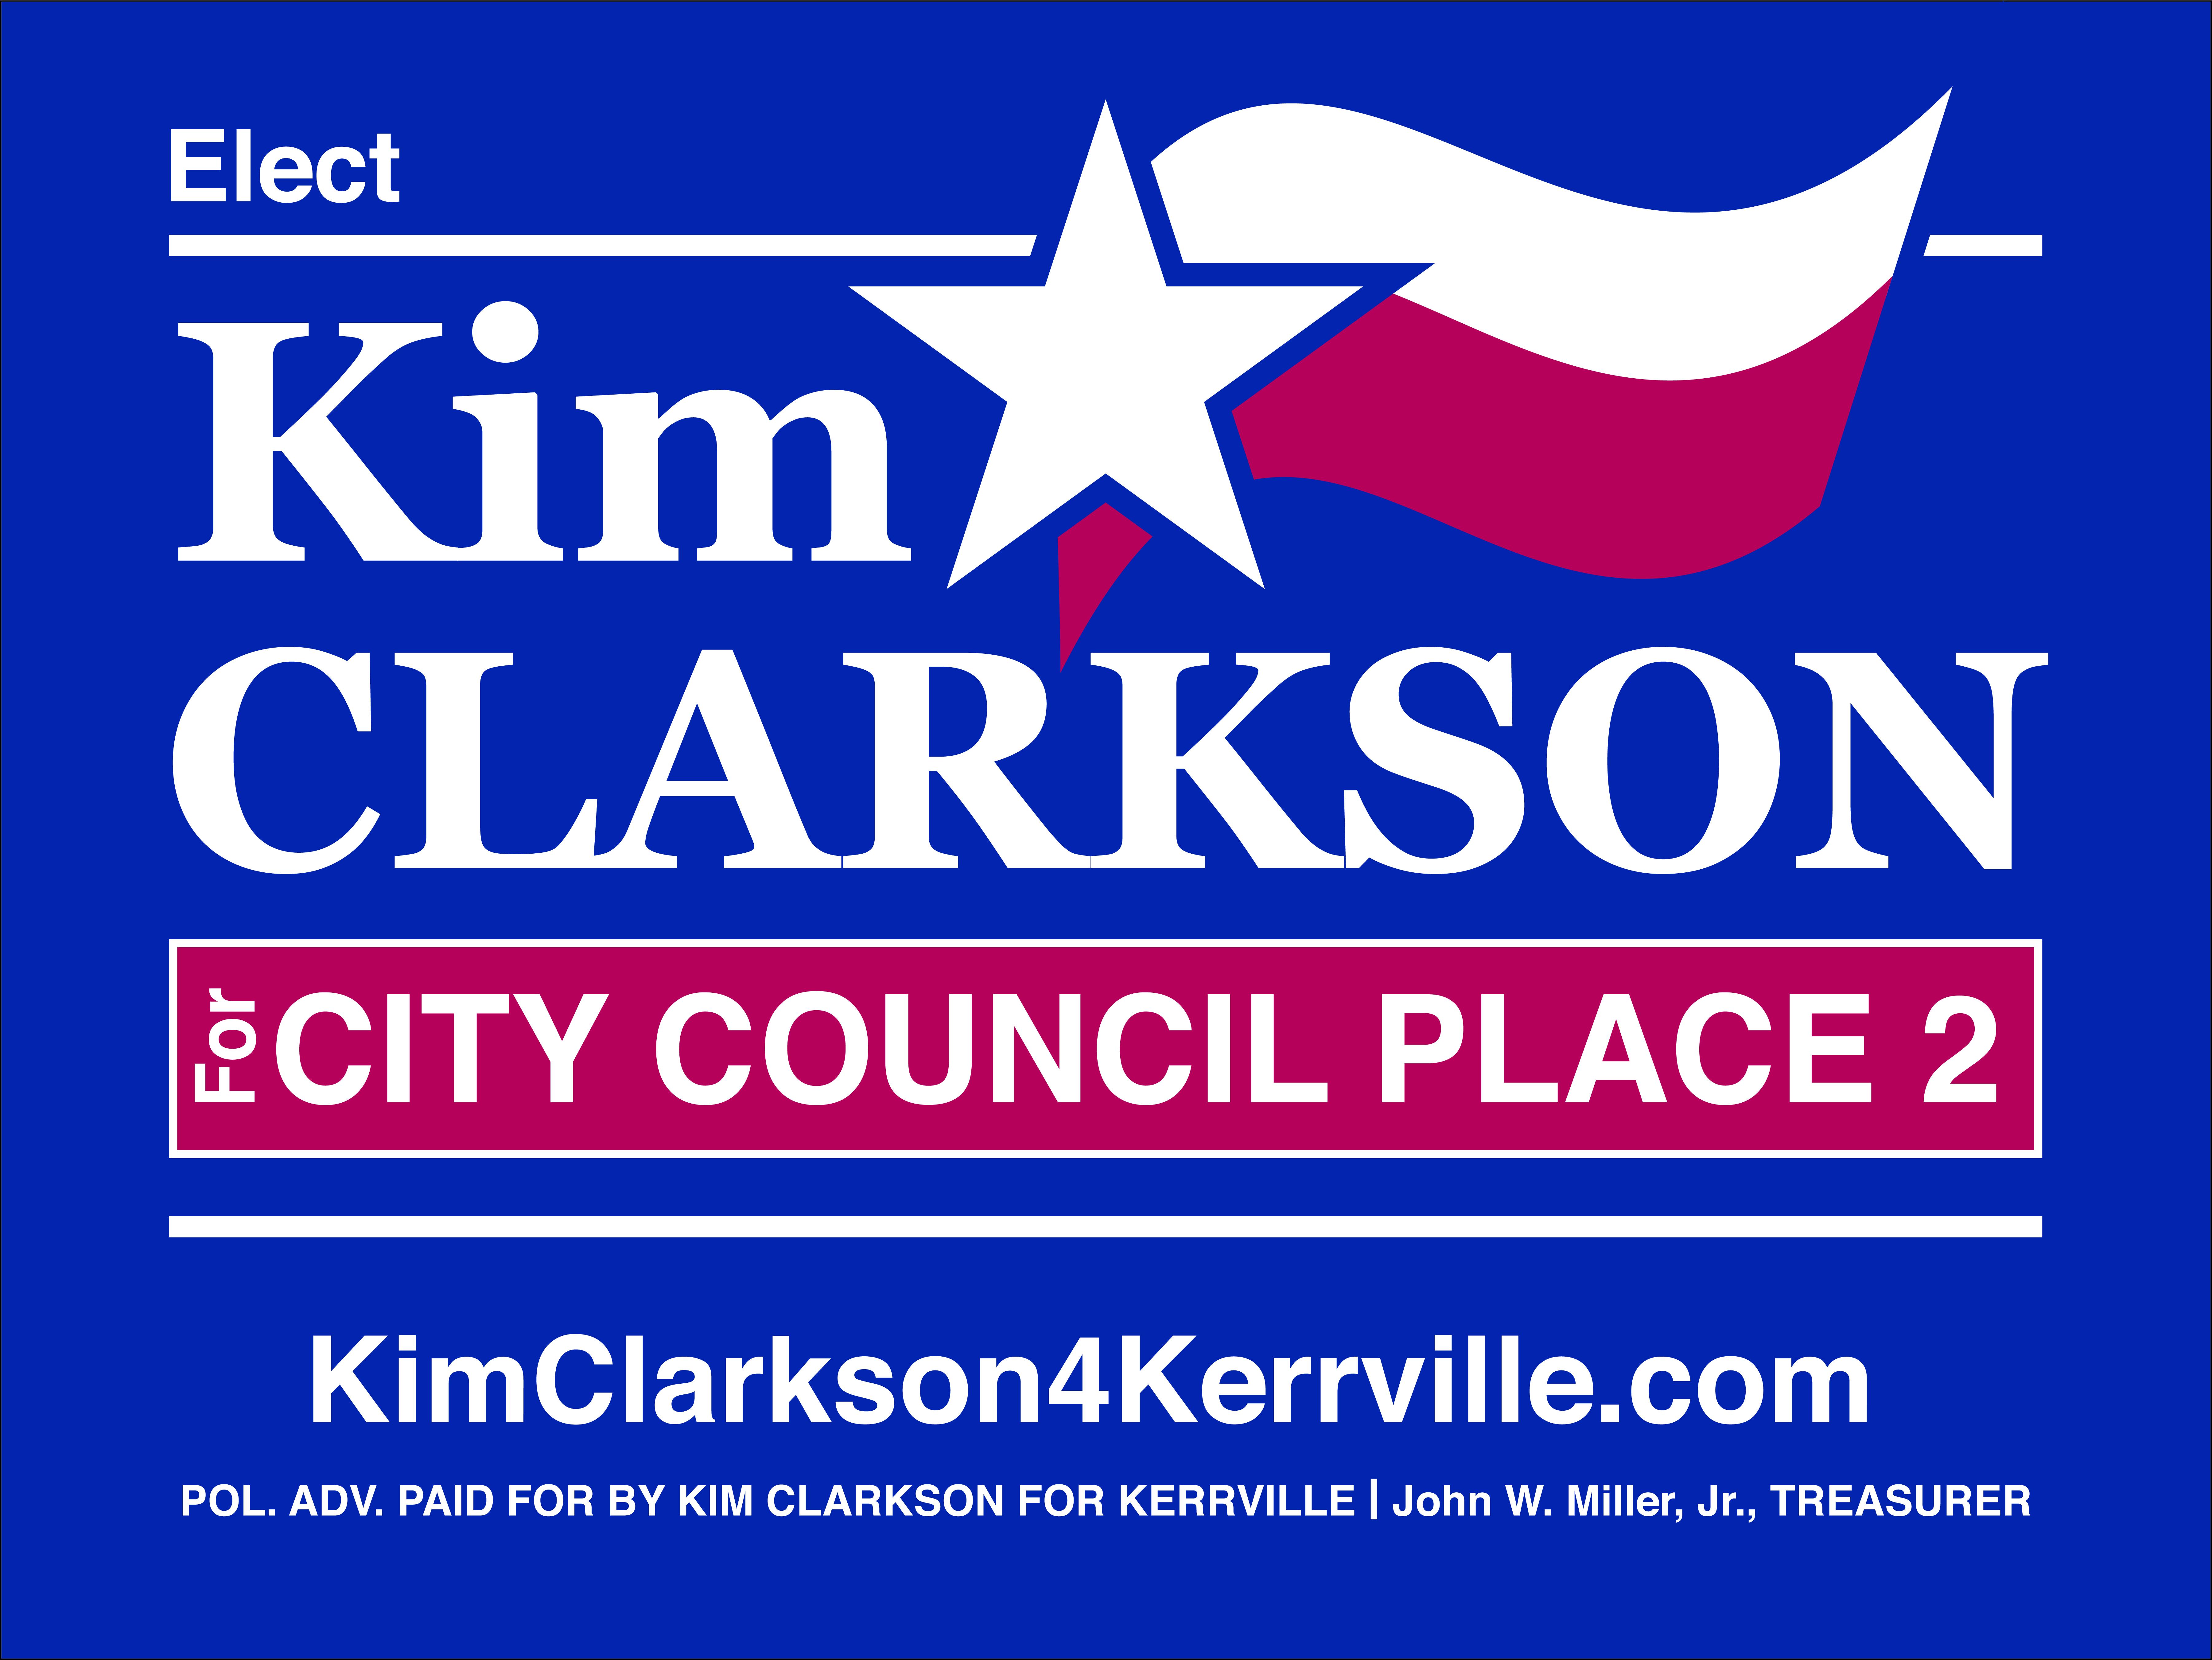 Kim Clarkson Campaign